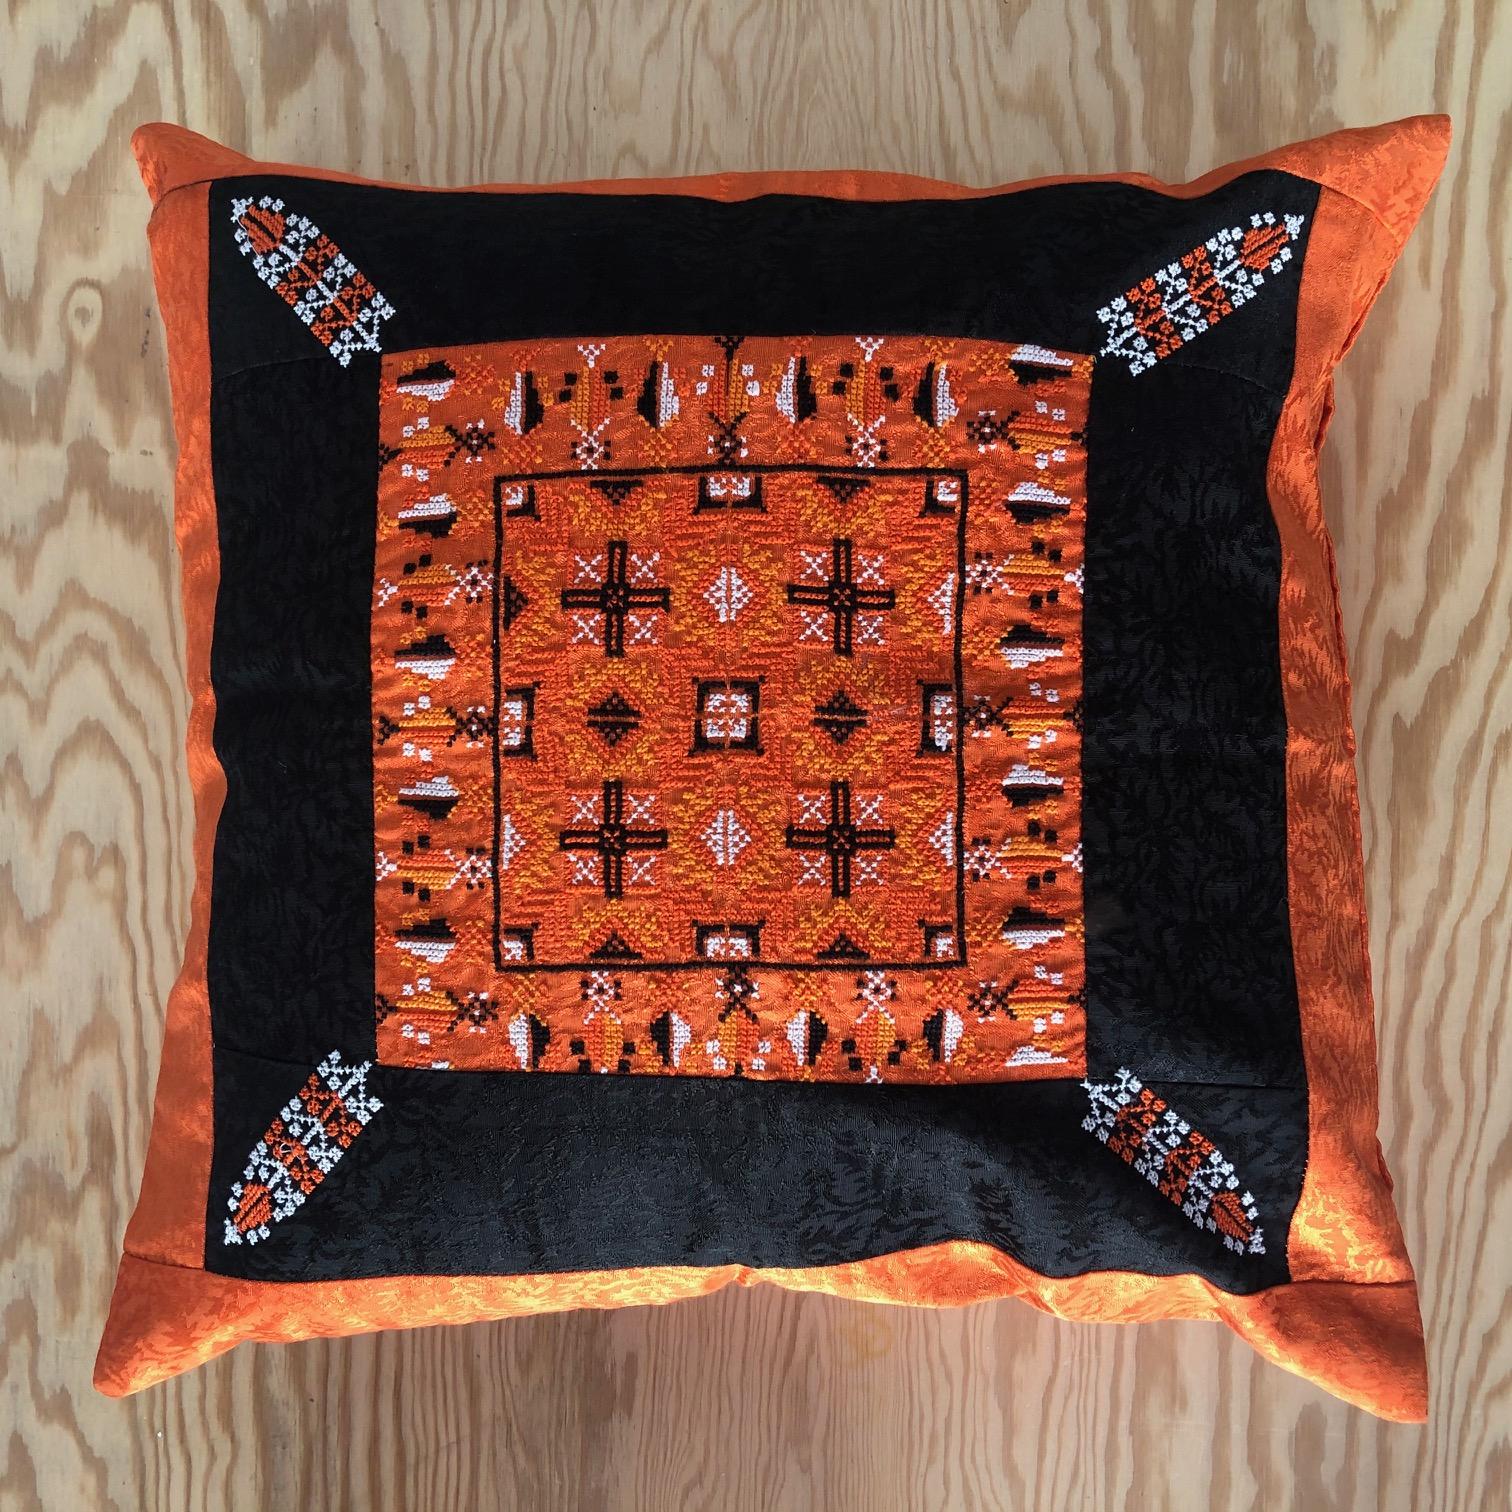 Brodert putetrekk, oransje og svart